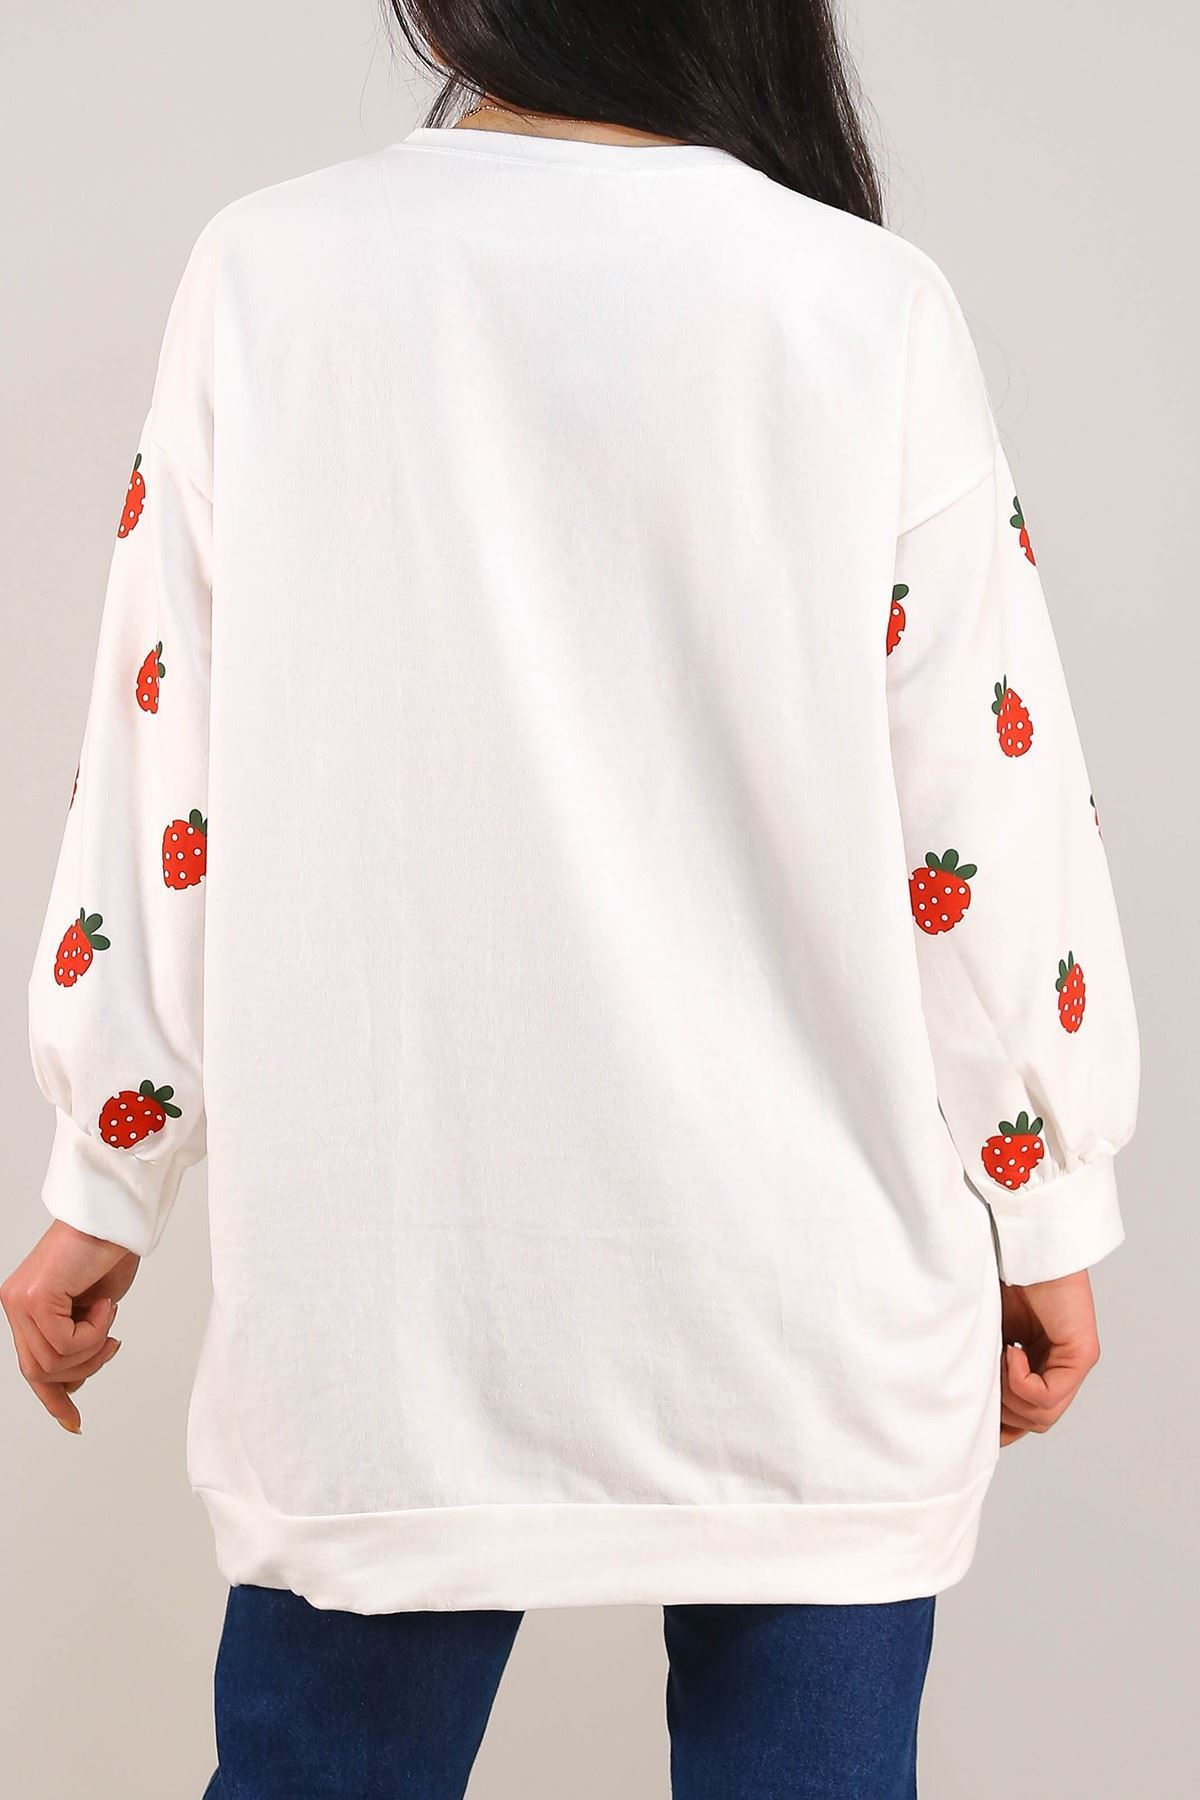 Çilek Baskılı Tunik Beyaz - 3163.105.